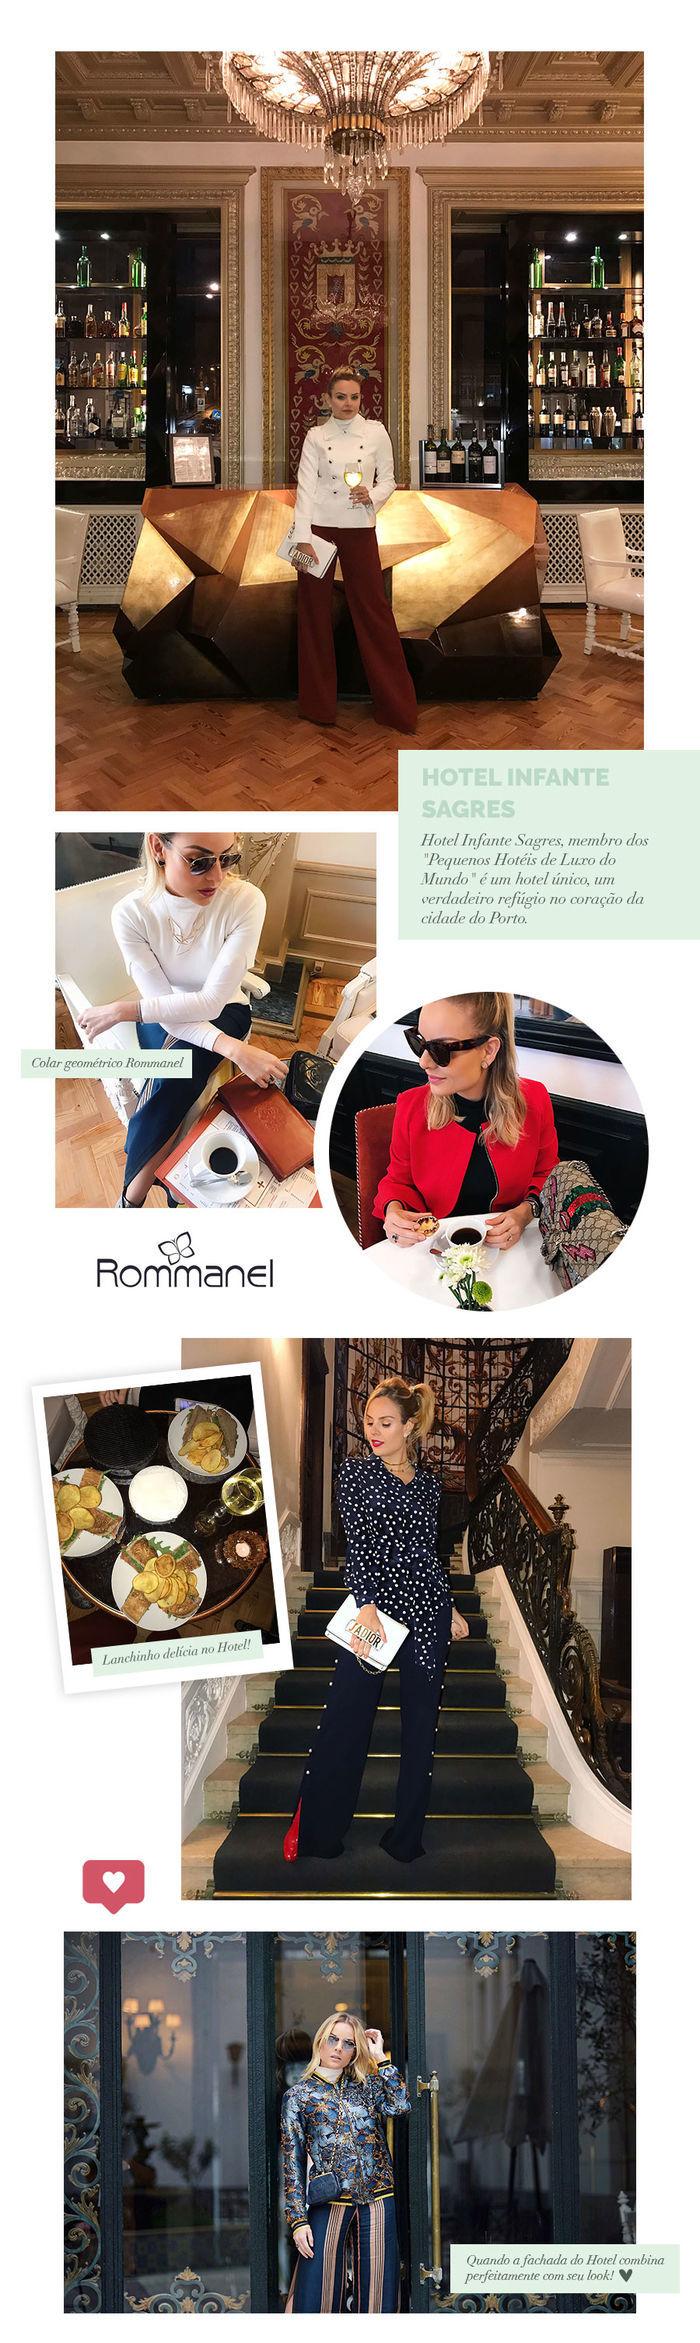 Layla Monteiro em Portugal Porto hotel de luxo Infante Sagres